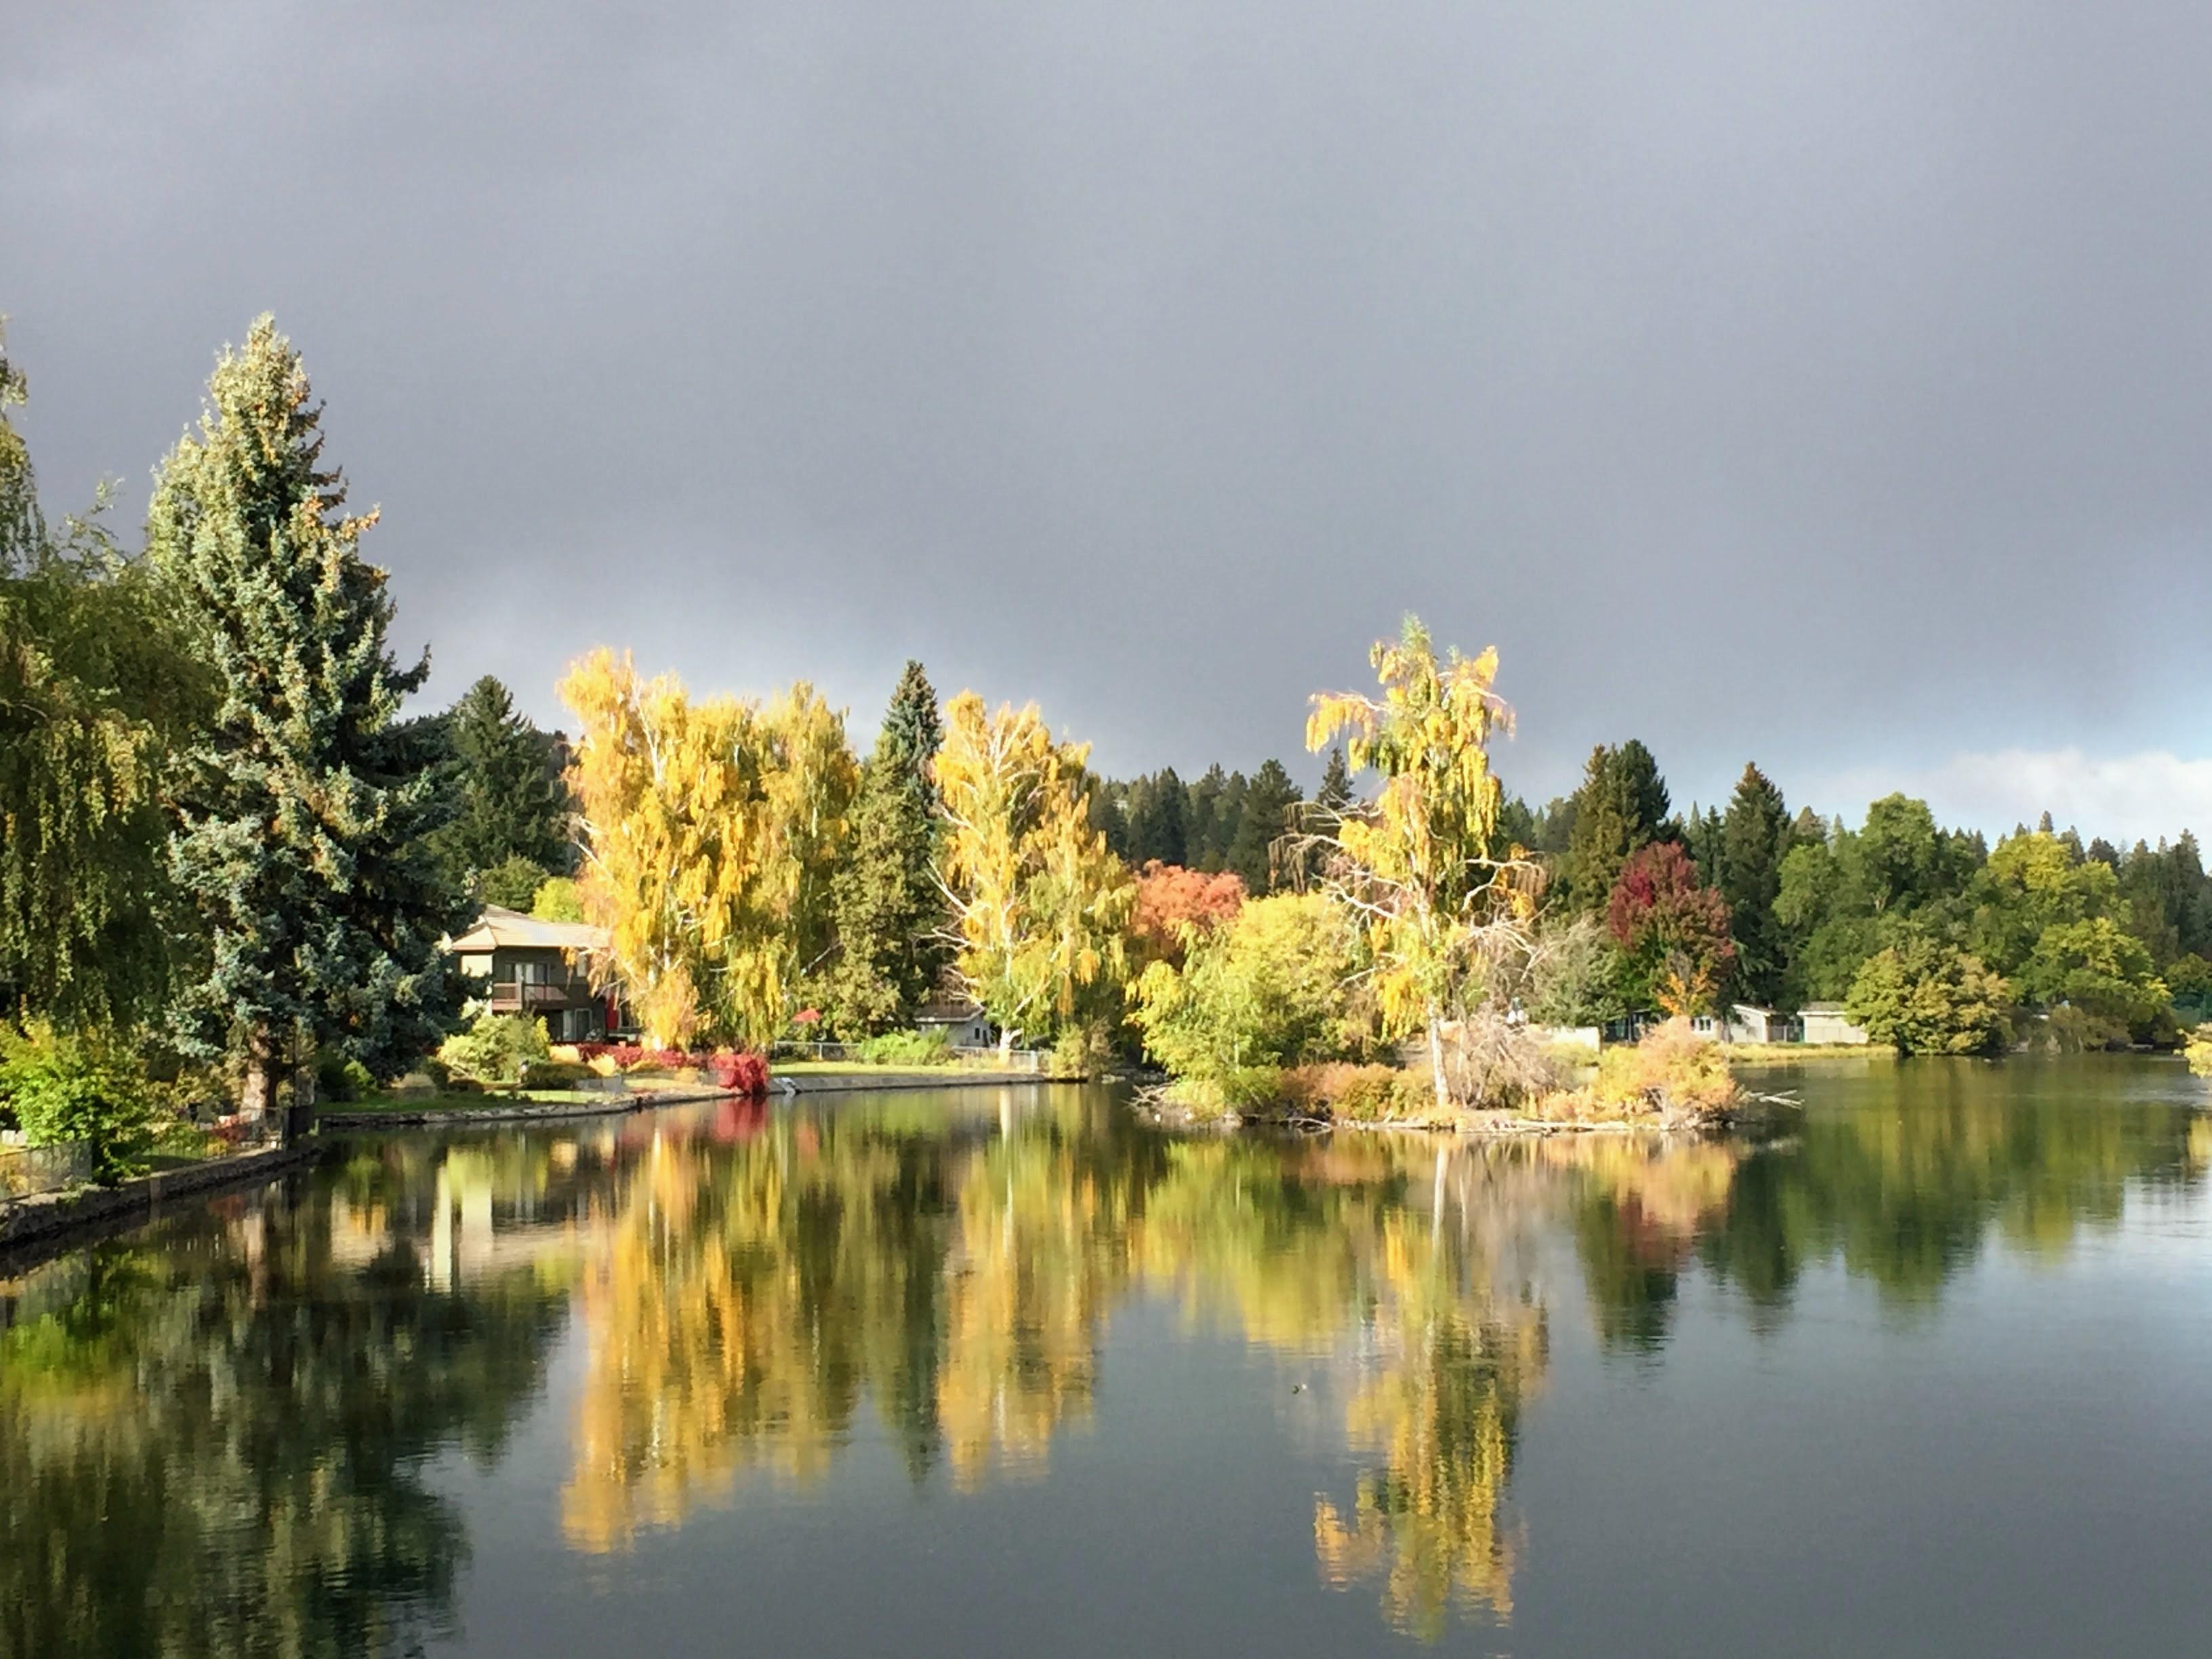 2017-10-02 Oregon 03 Bend 09